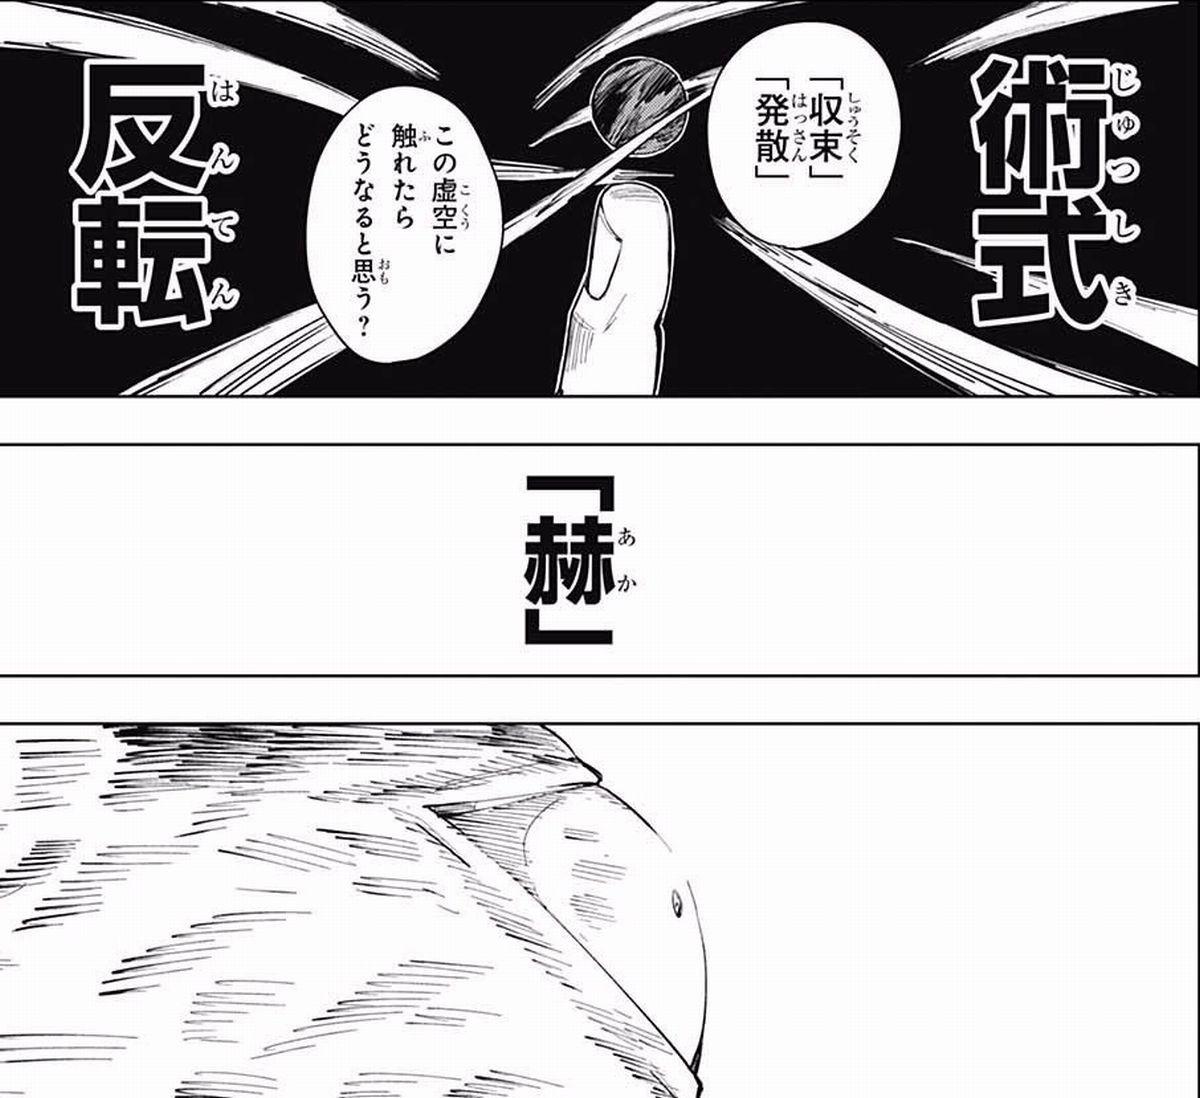 0312 - 【呪術廻戦】五条悟の能力・強さなどをまとめ